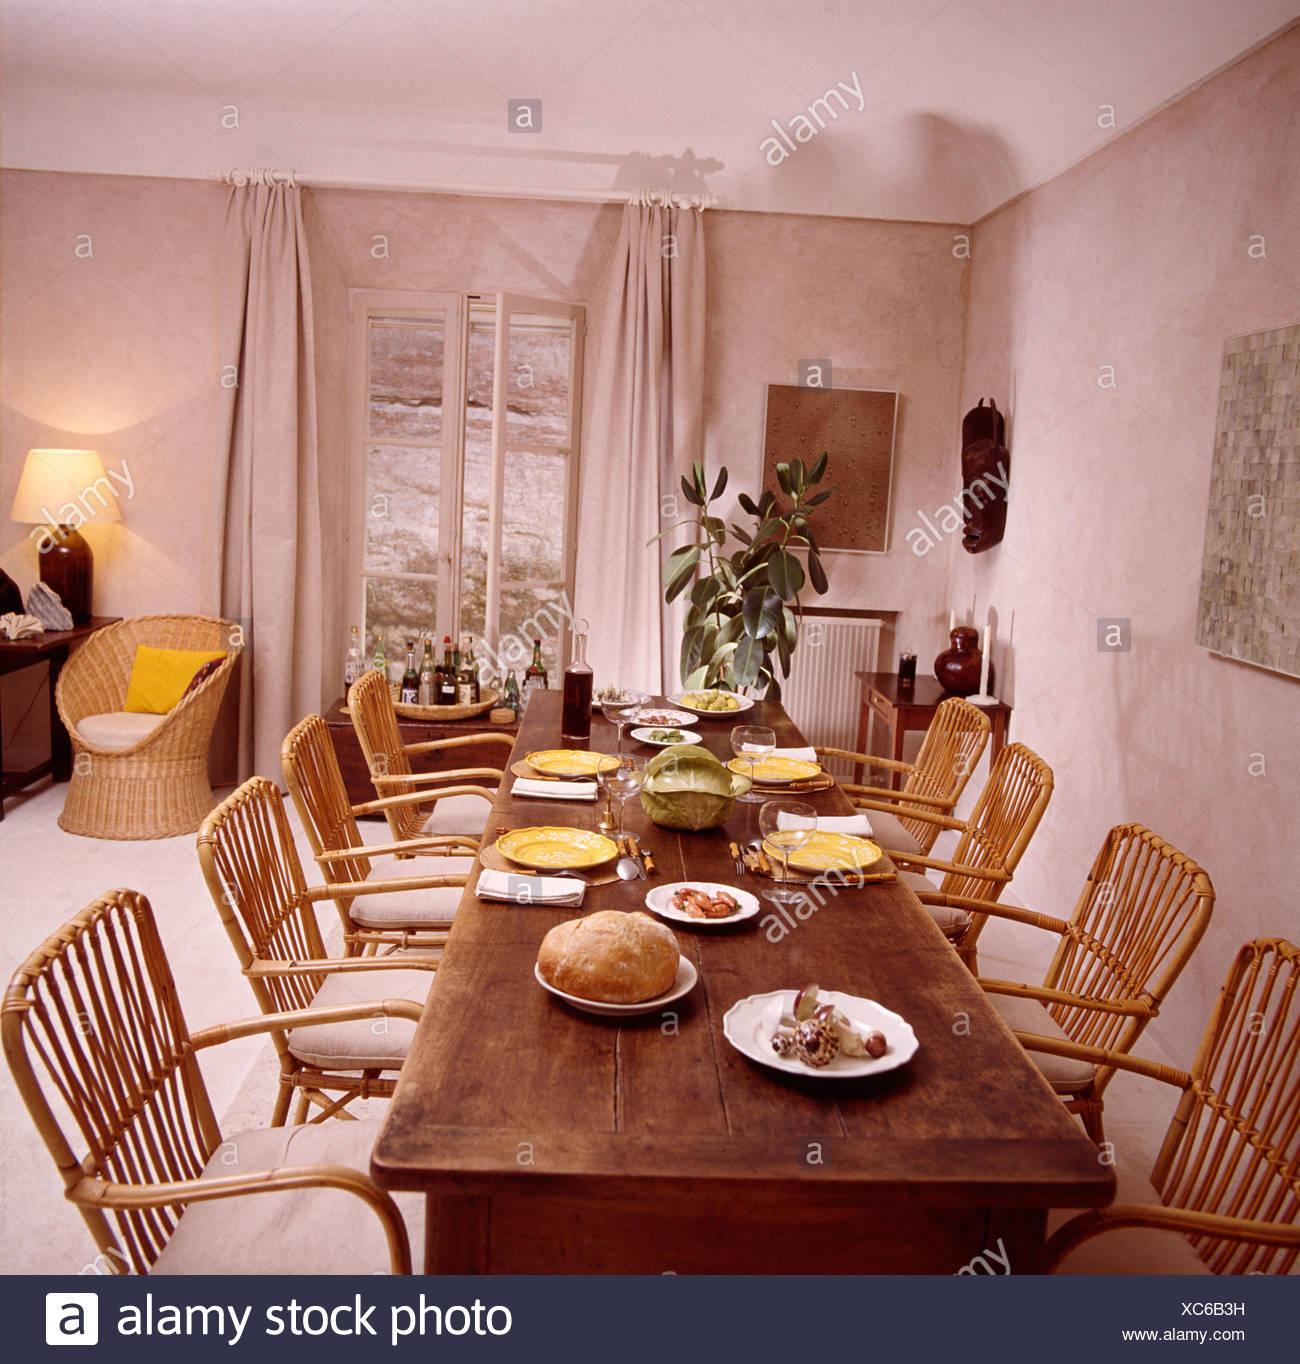 Erfreut Französisch Landküche Tische Und Stühle Bilder ...